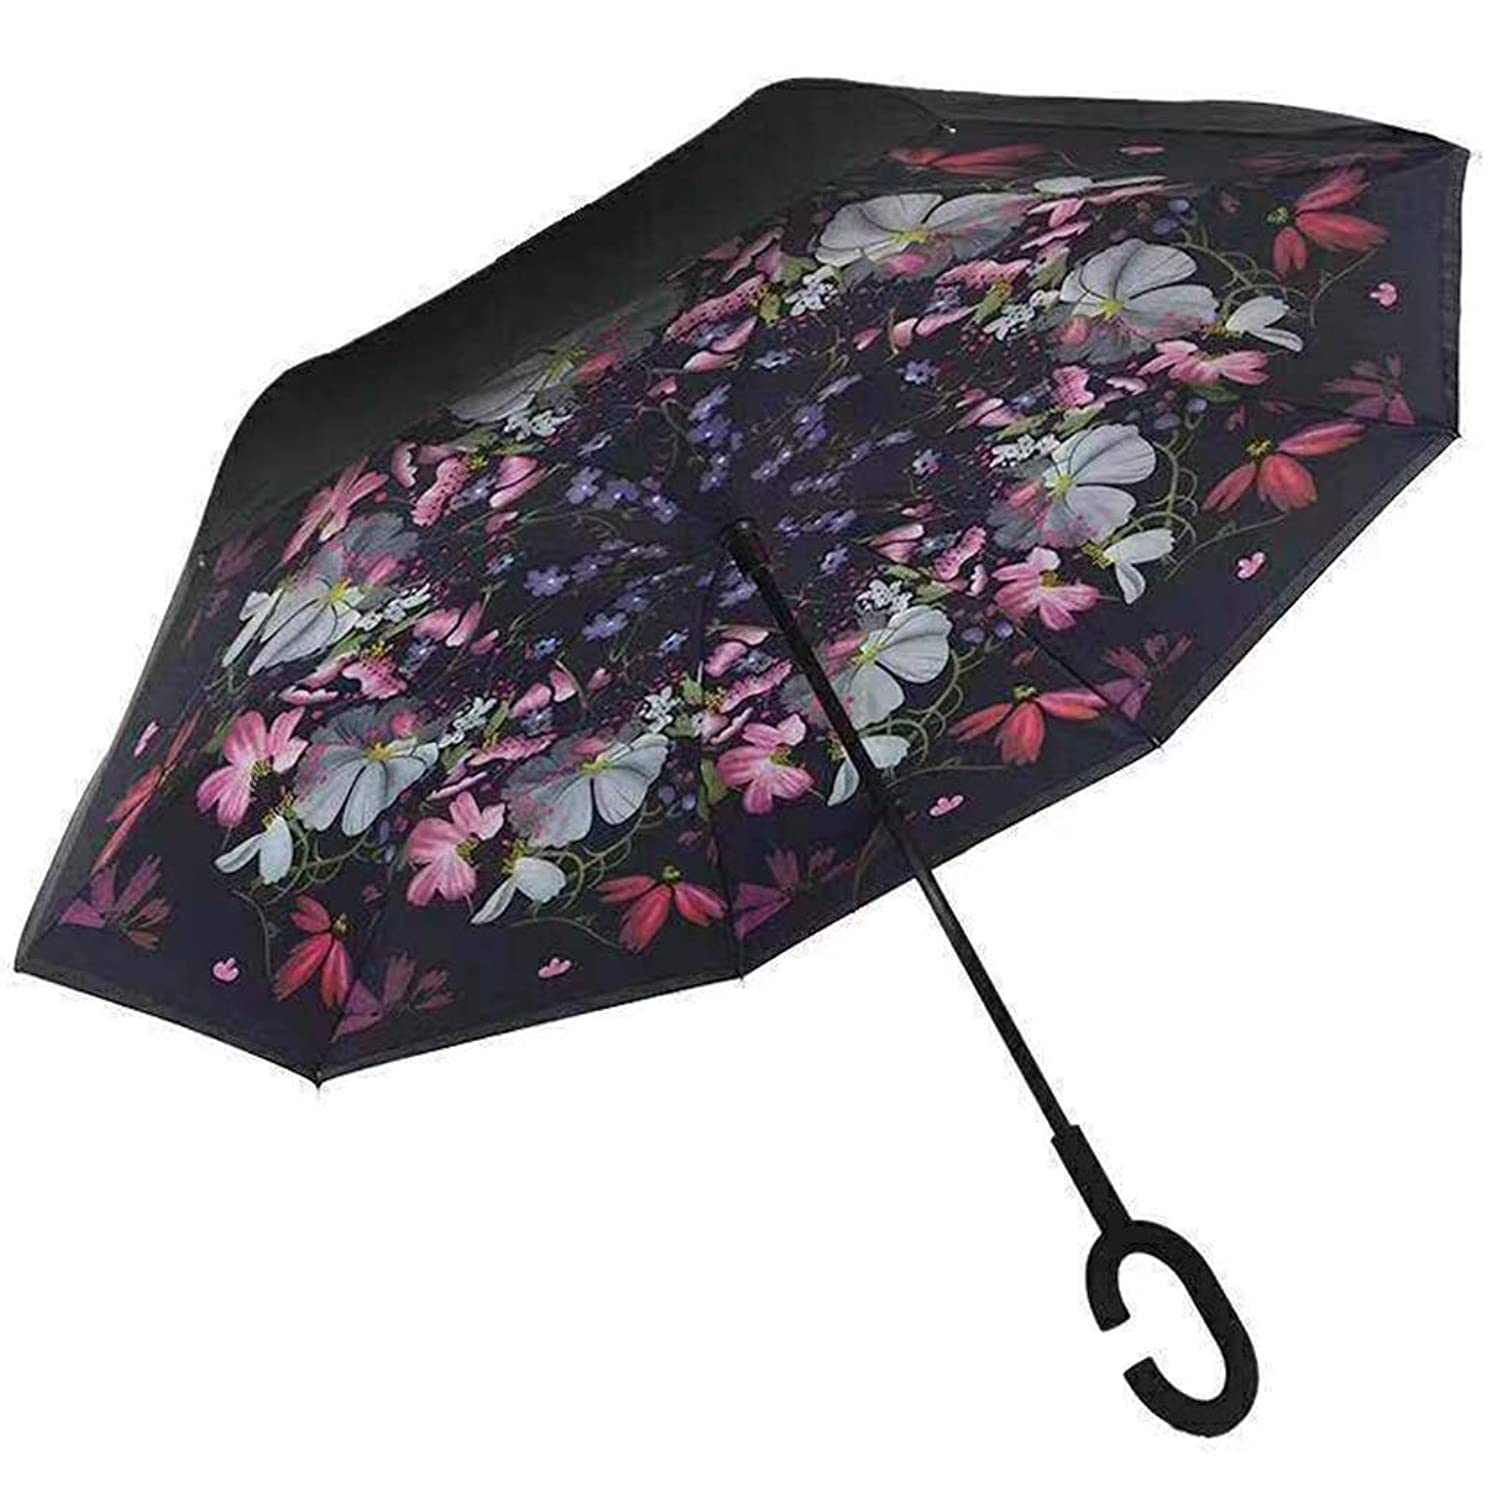 変数神経障害極小YSYYSH 傘逆傘ハンズフリーロングハンドル傘C型ハンドルは快適に保持し、高速乾燥ベラミーレッド124 CM×80 CMに快適です クラシック傘